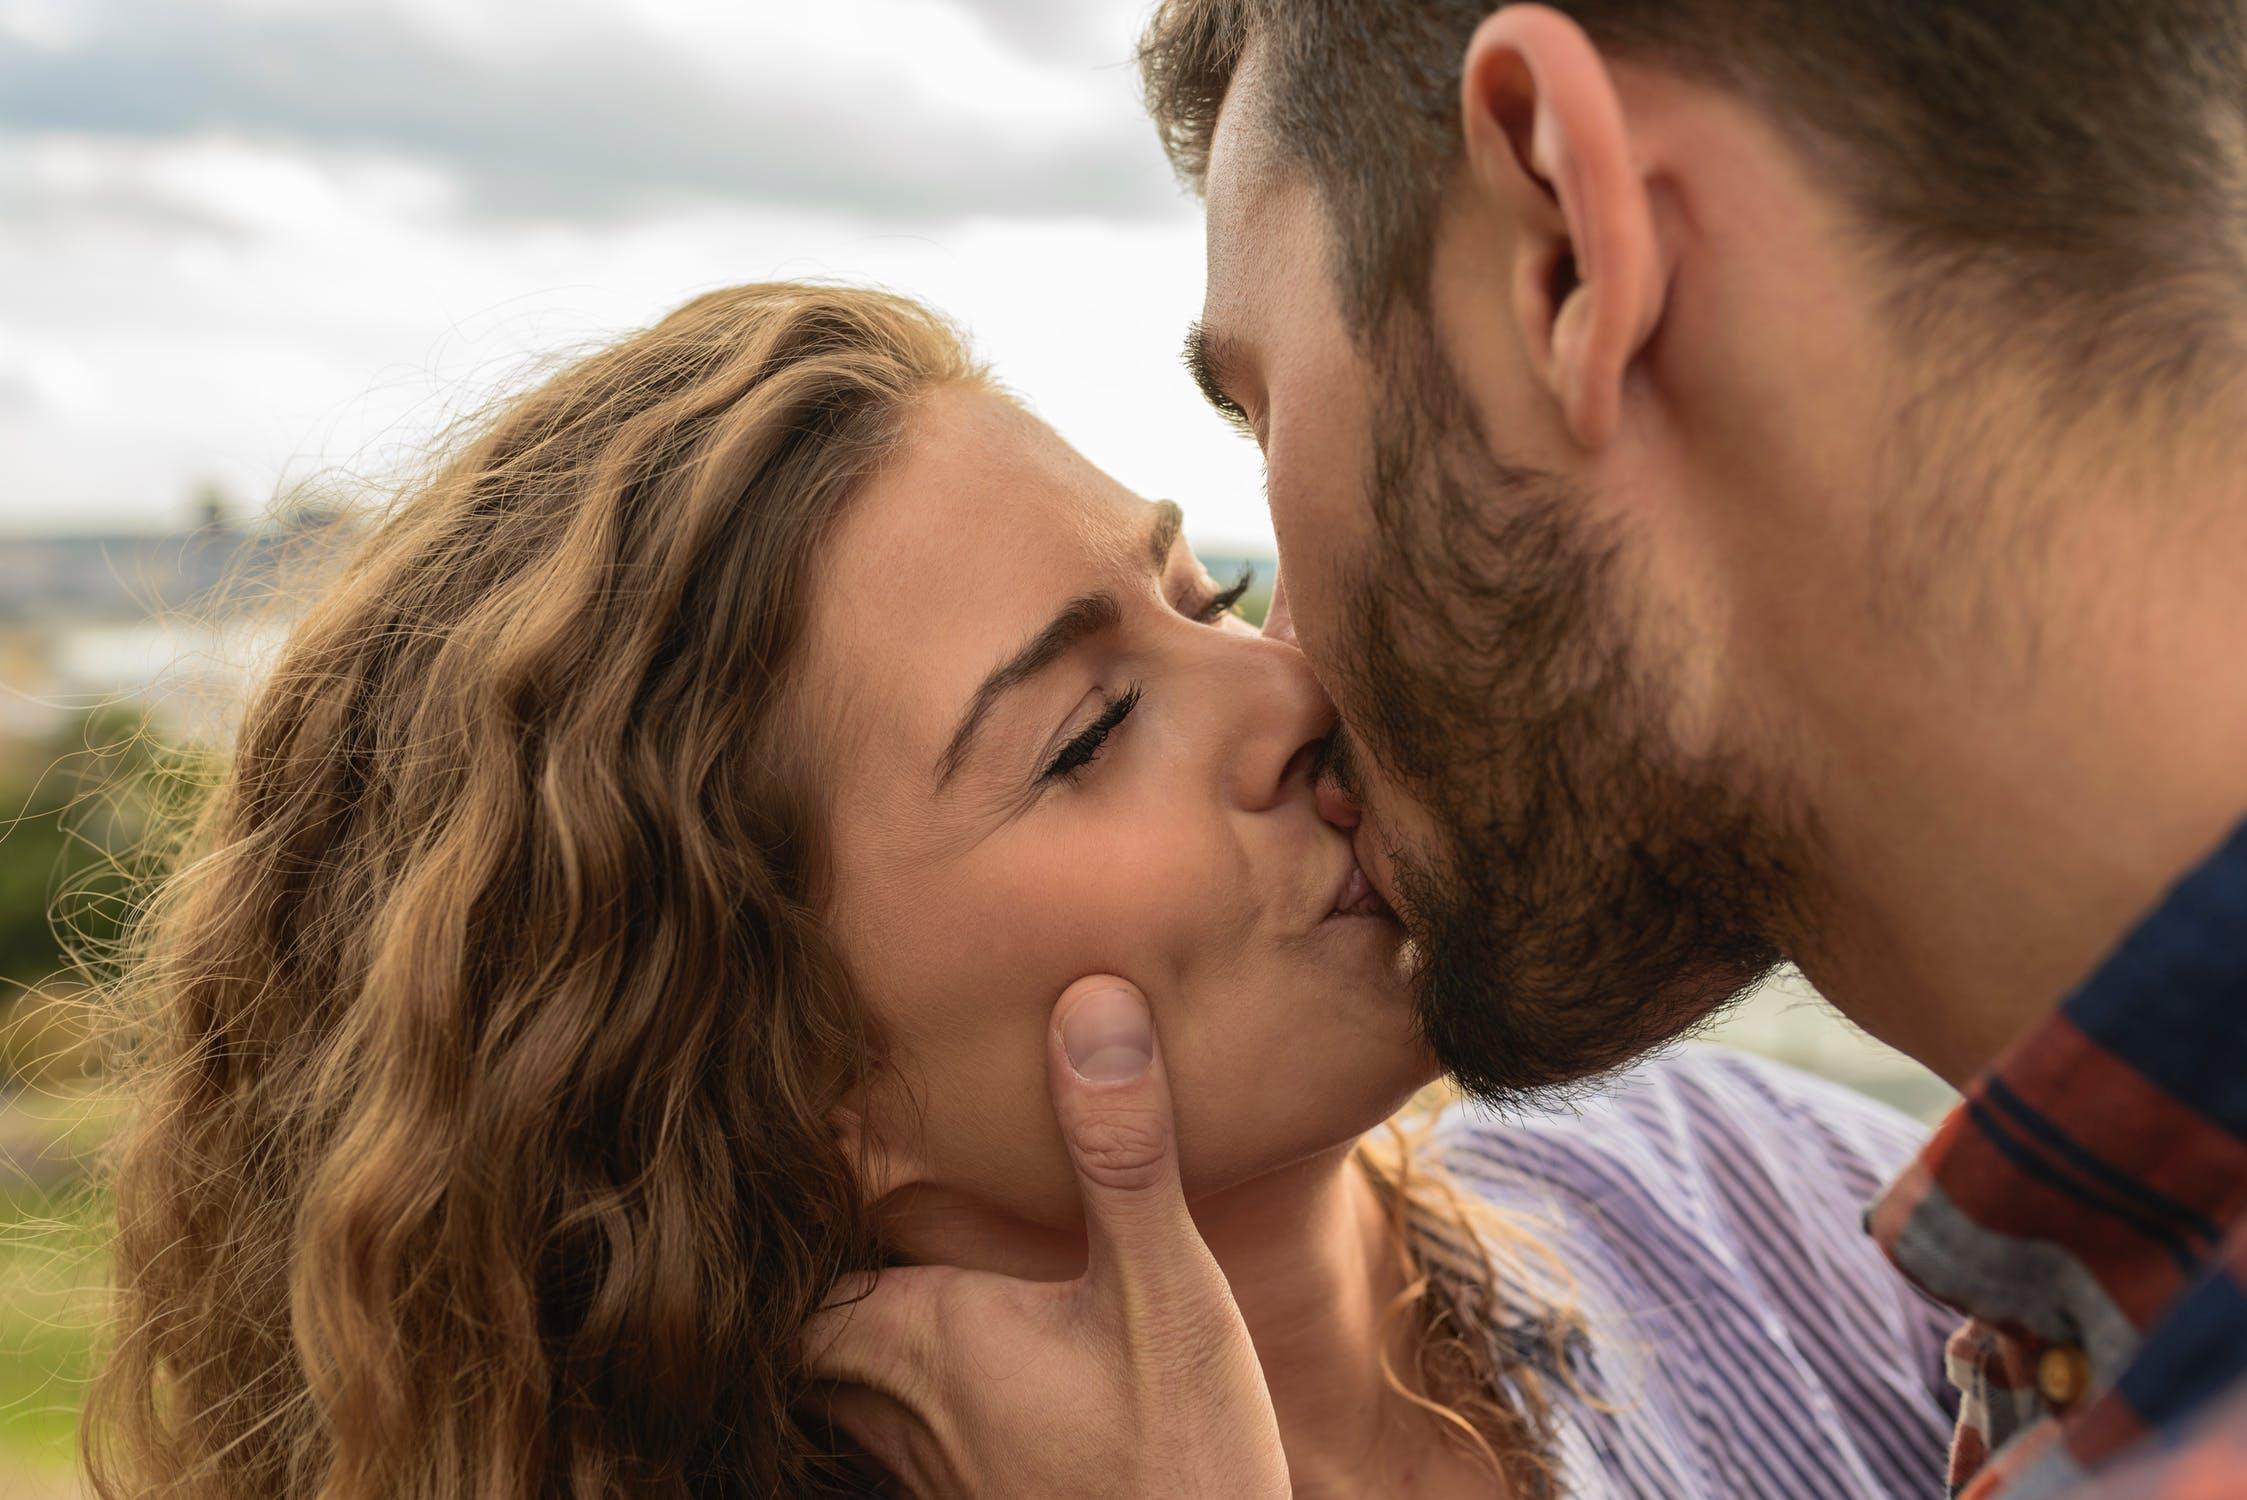 Bacio, tutti i significati di questo gesto d'amore